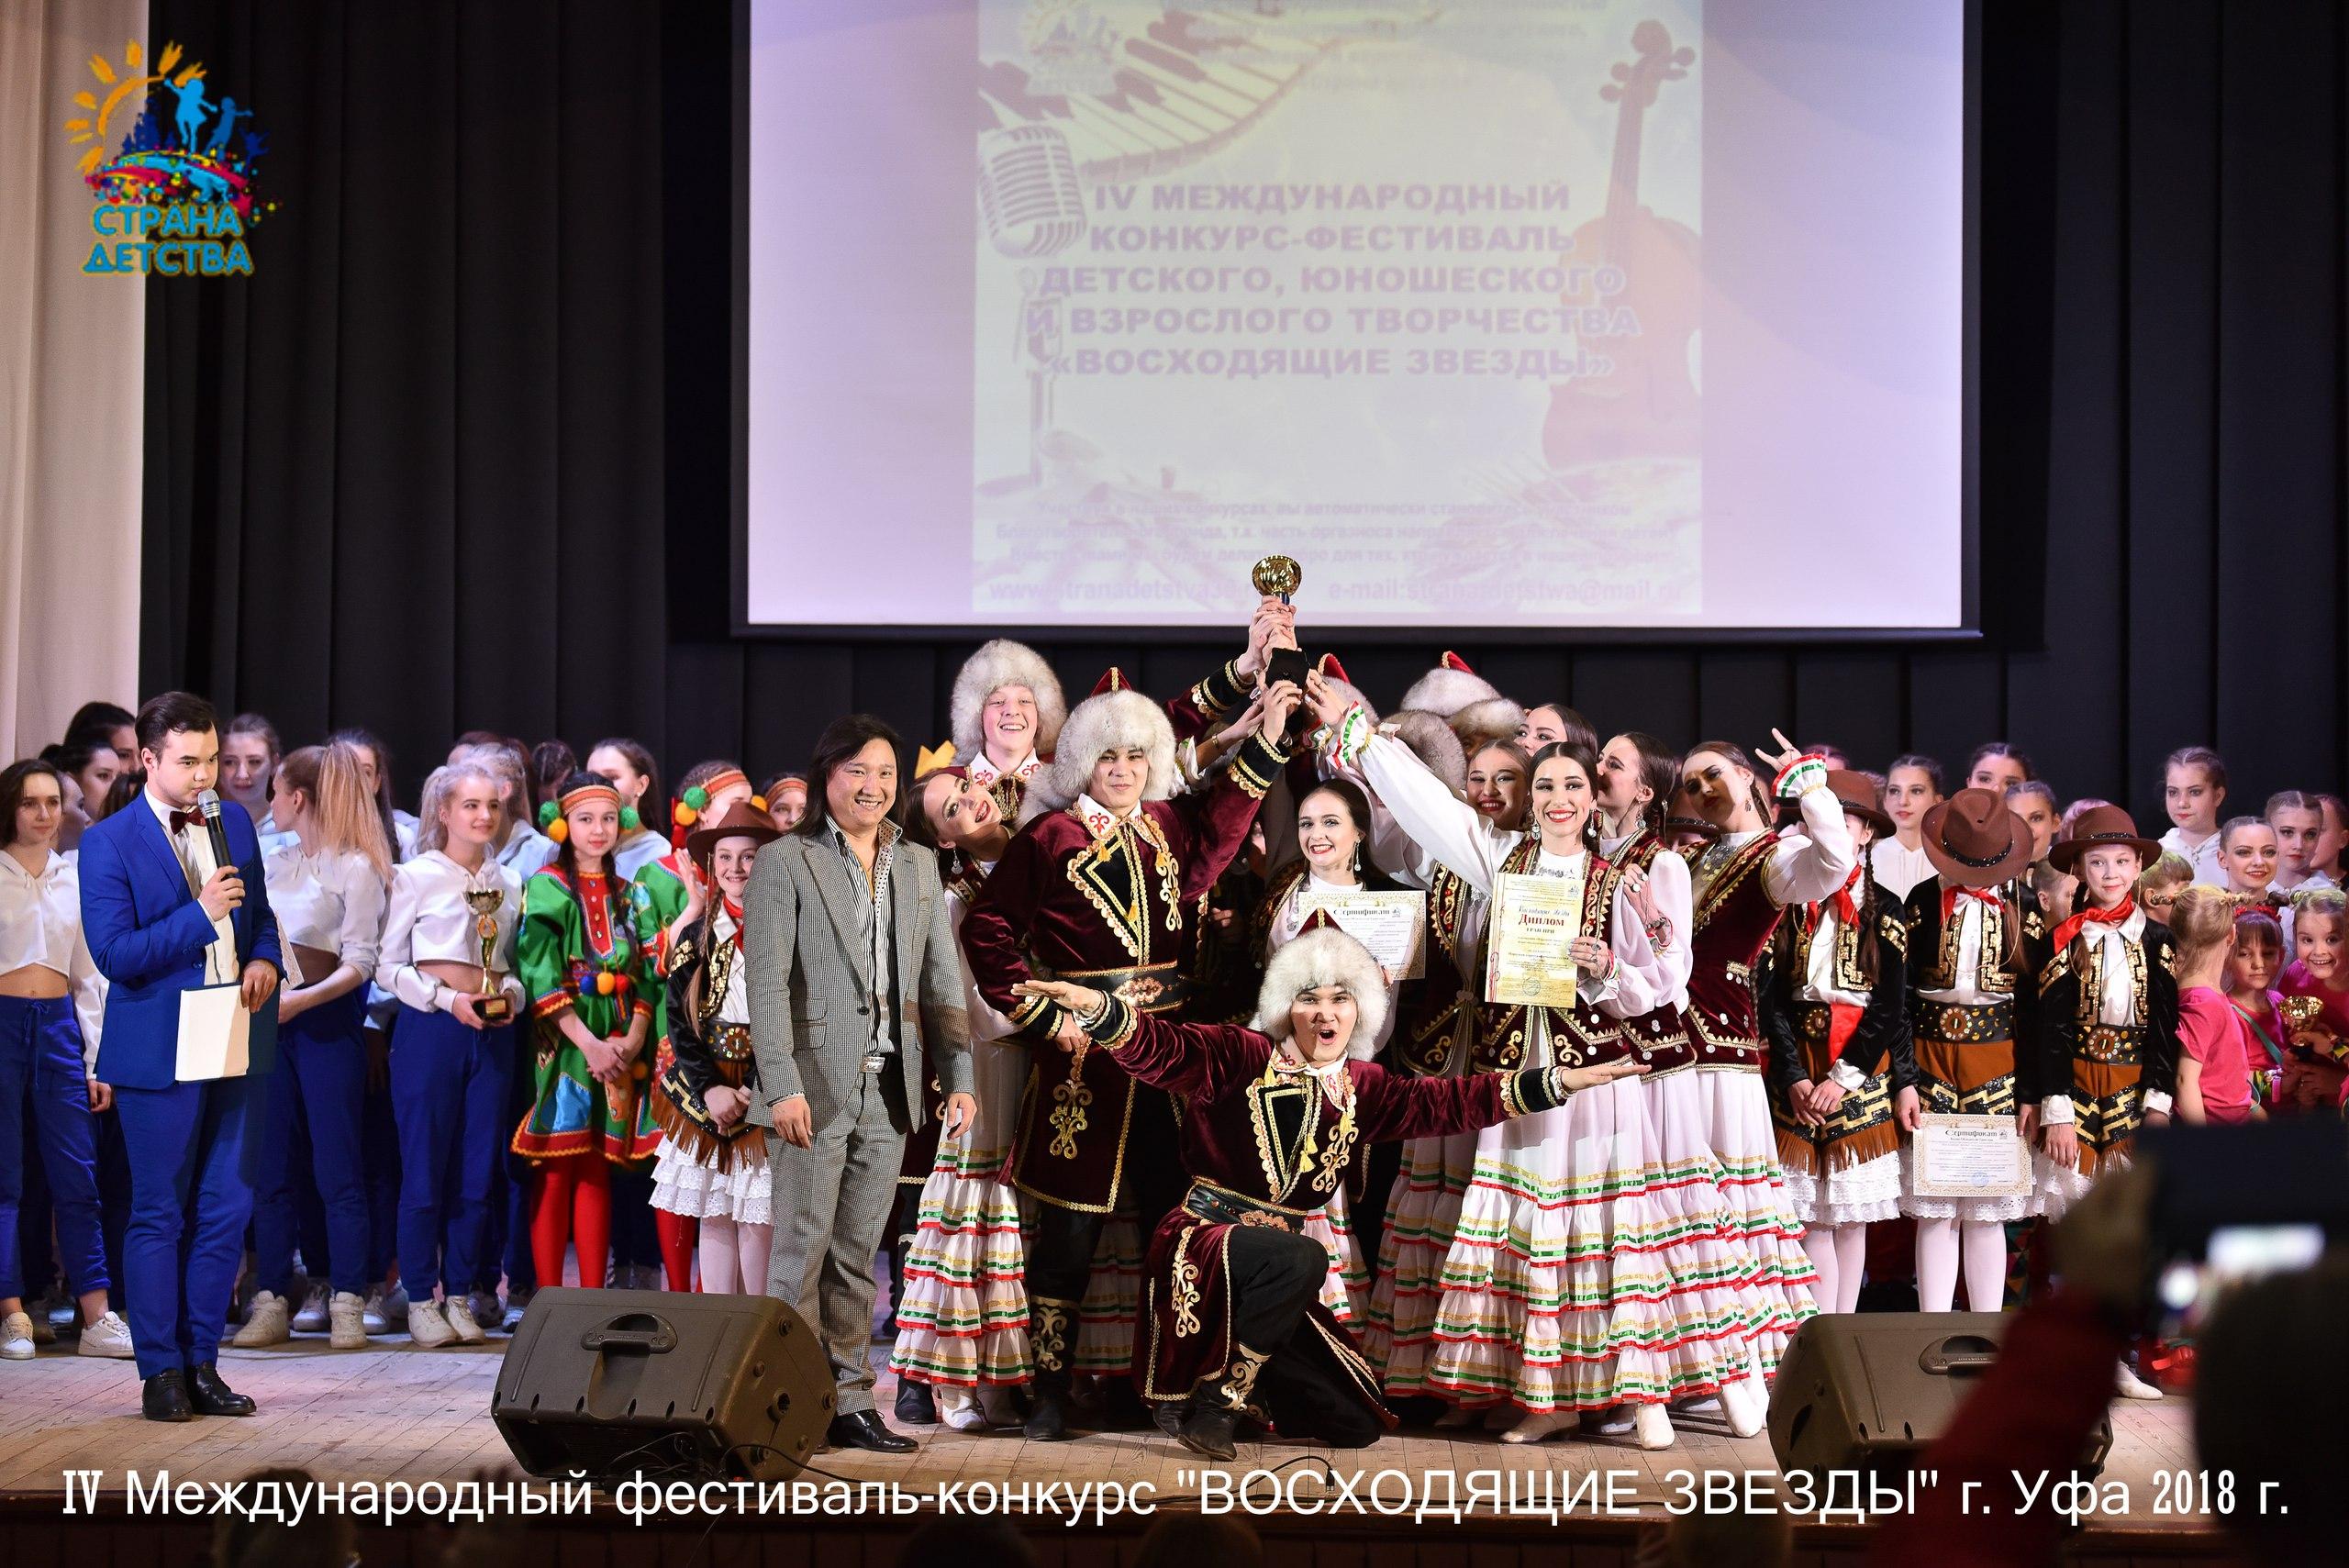 Два дня 21-22 апреля в столице Башкортостана городе Уфа длился IV Международный конкурс-фестиваль детского, юношеского и взрослого творчества